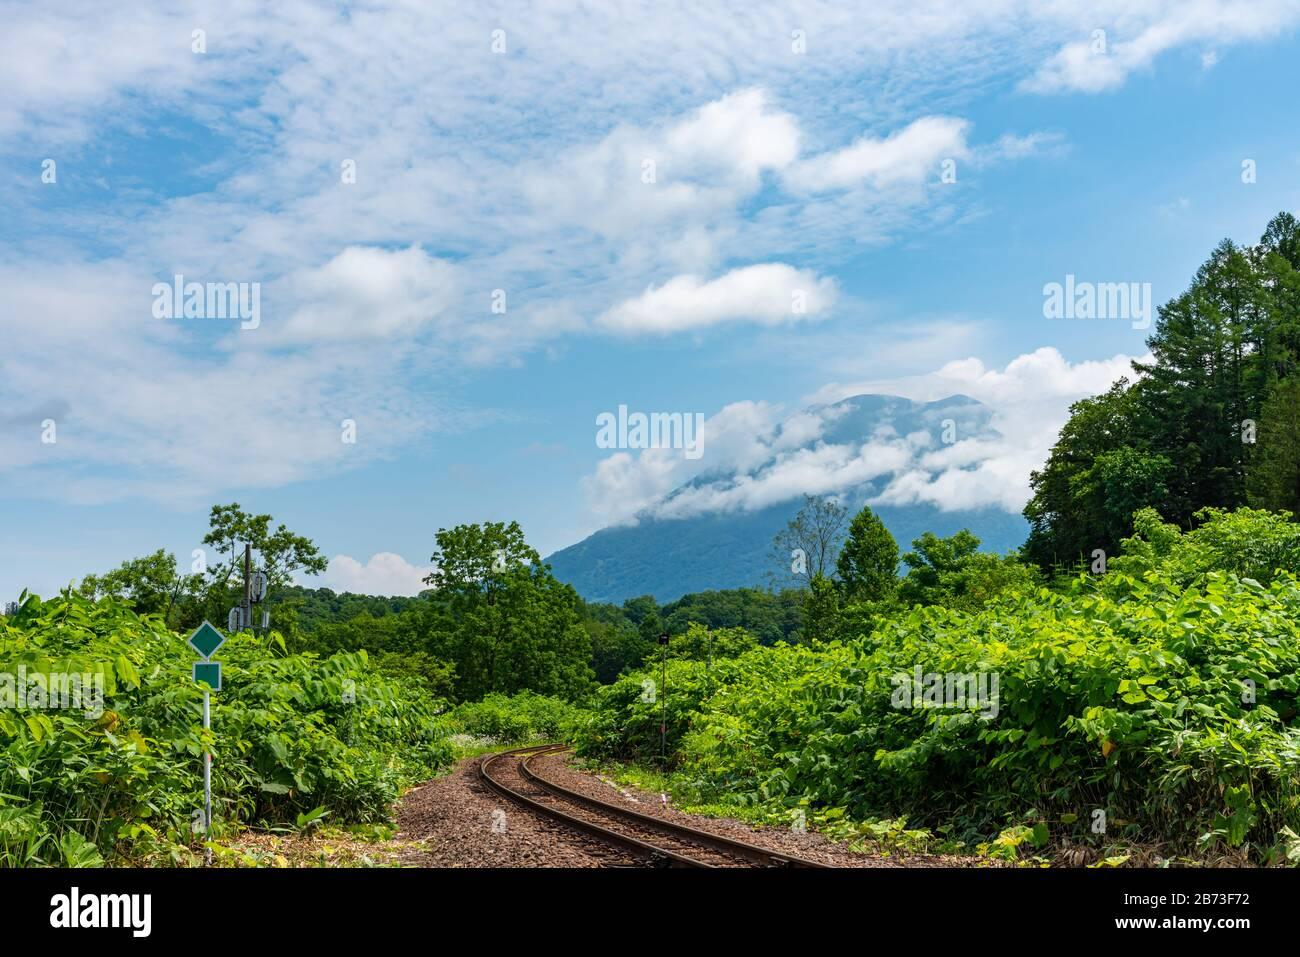 Hakodate línea principal de ferrocarril en la ciudad de Niseko en primavera soleado día con el Monte Yotei en el fondo. Subprefectura de Shiribeshi, Hokkaido, Japón Foto de stock